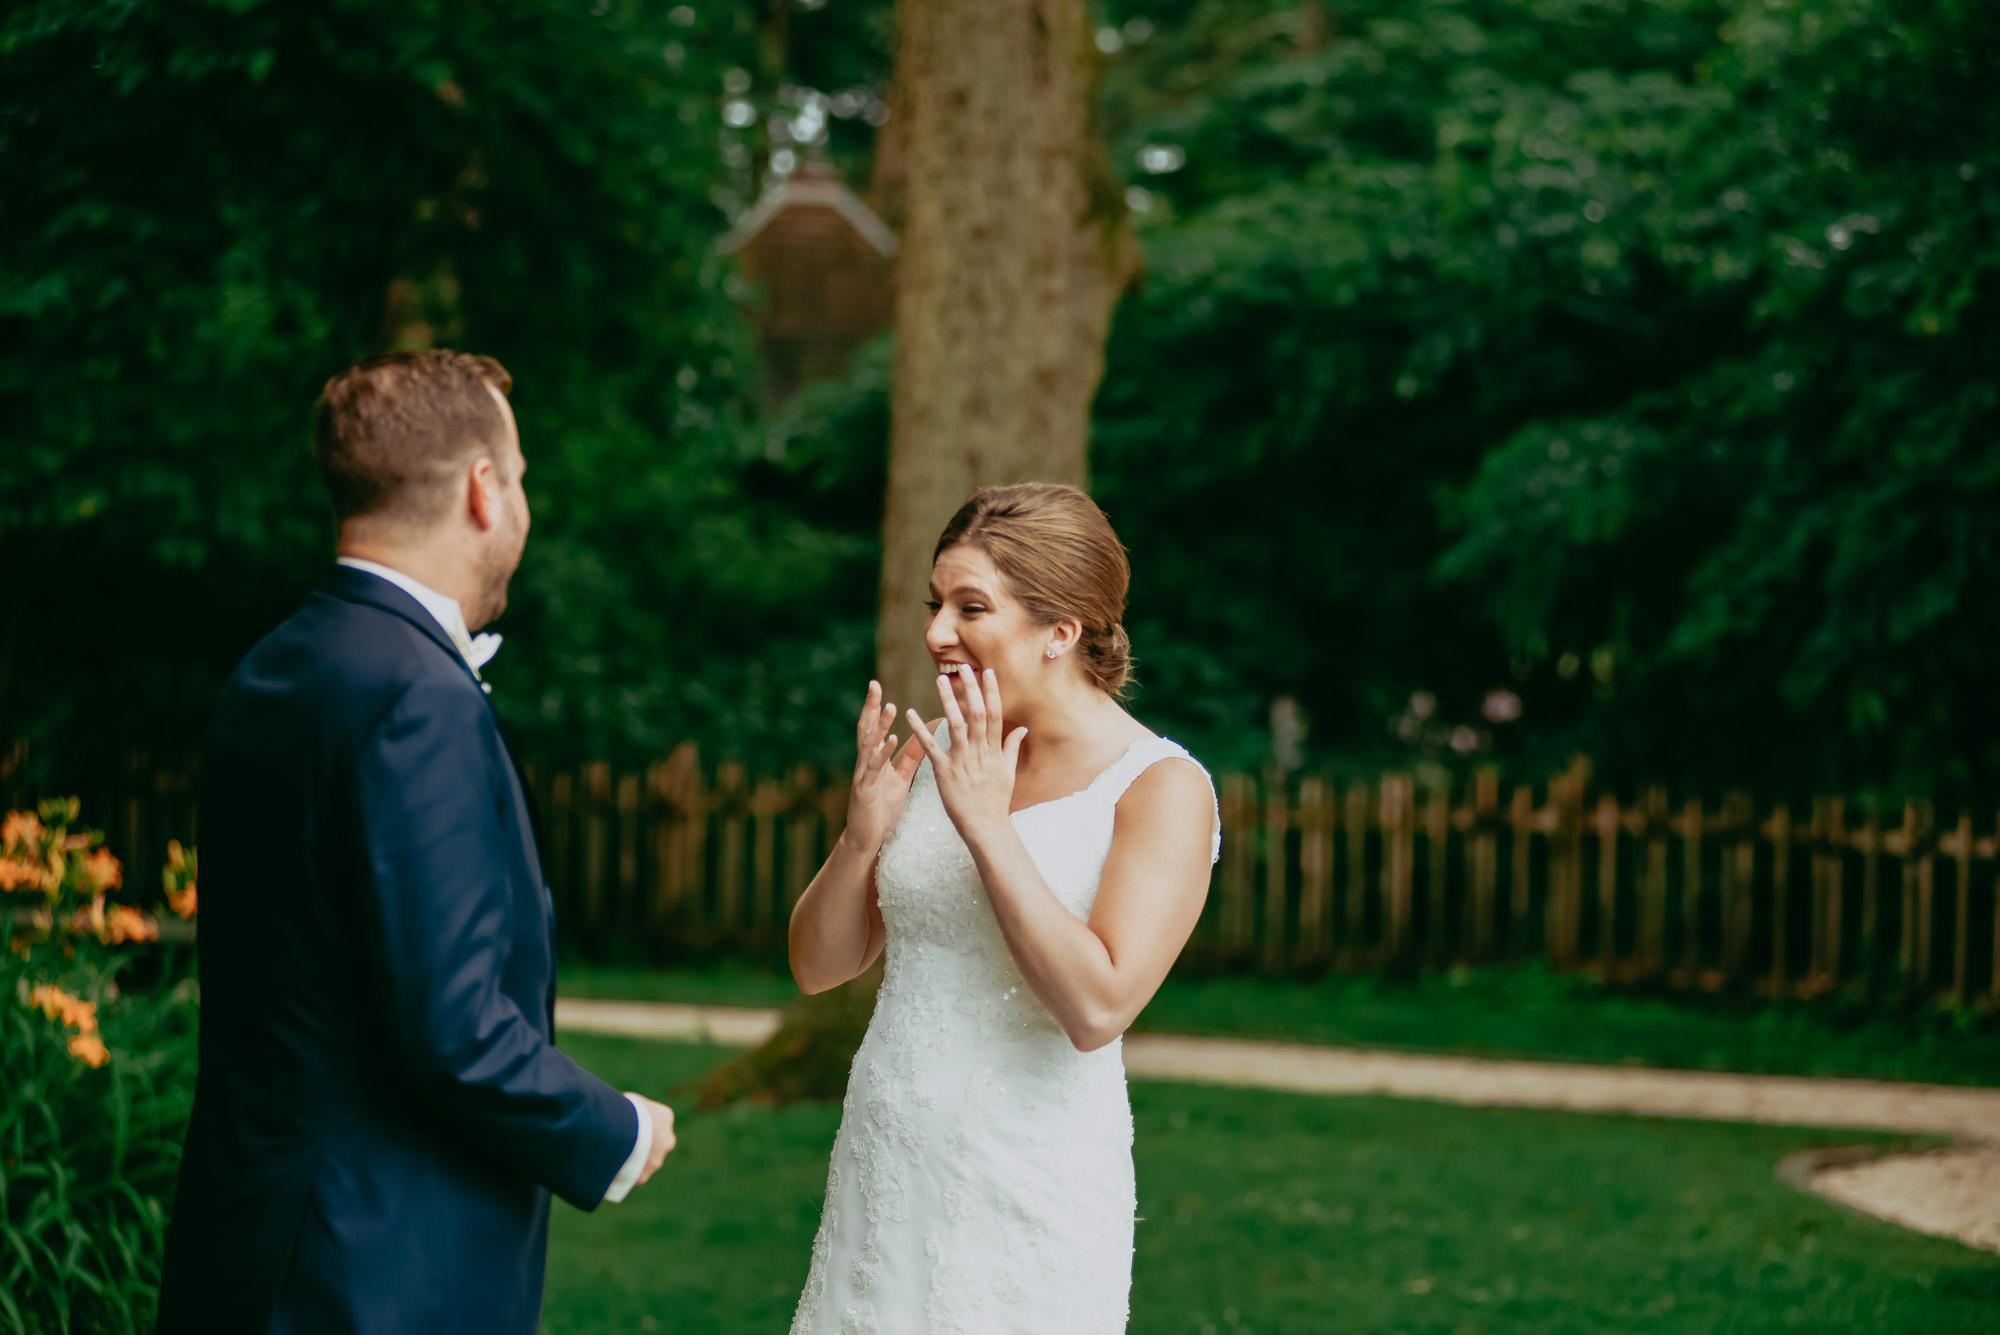 Rockford-IL-wedding-photographers-1-3.jpg